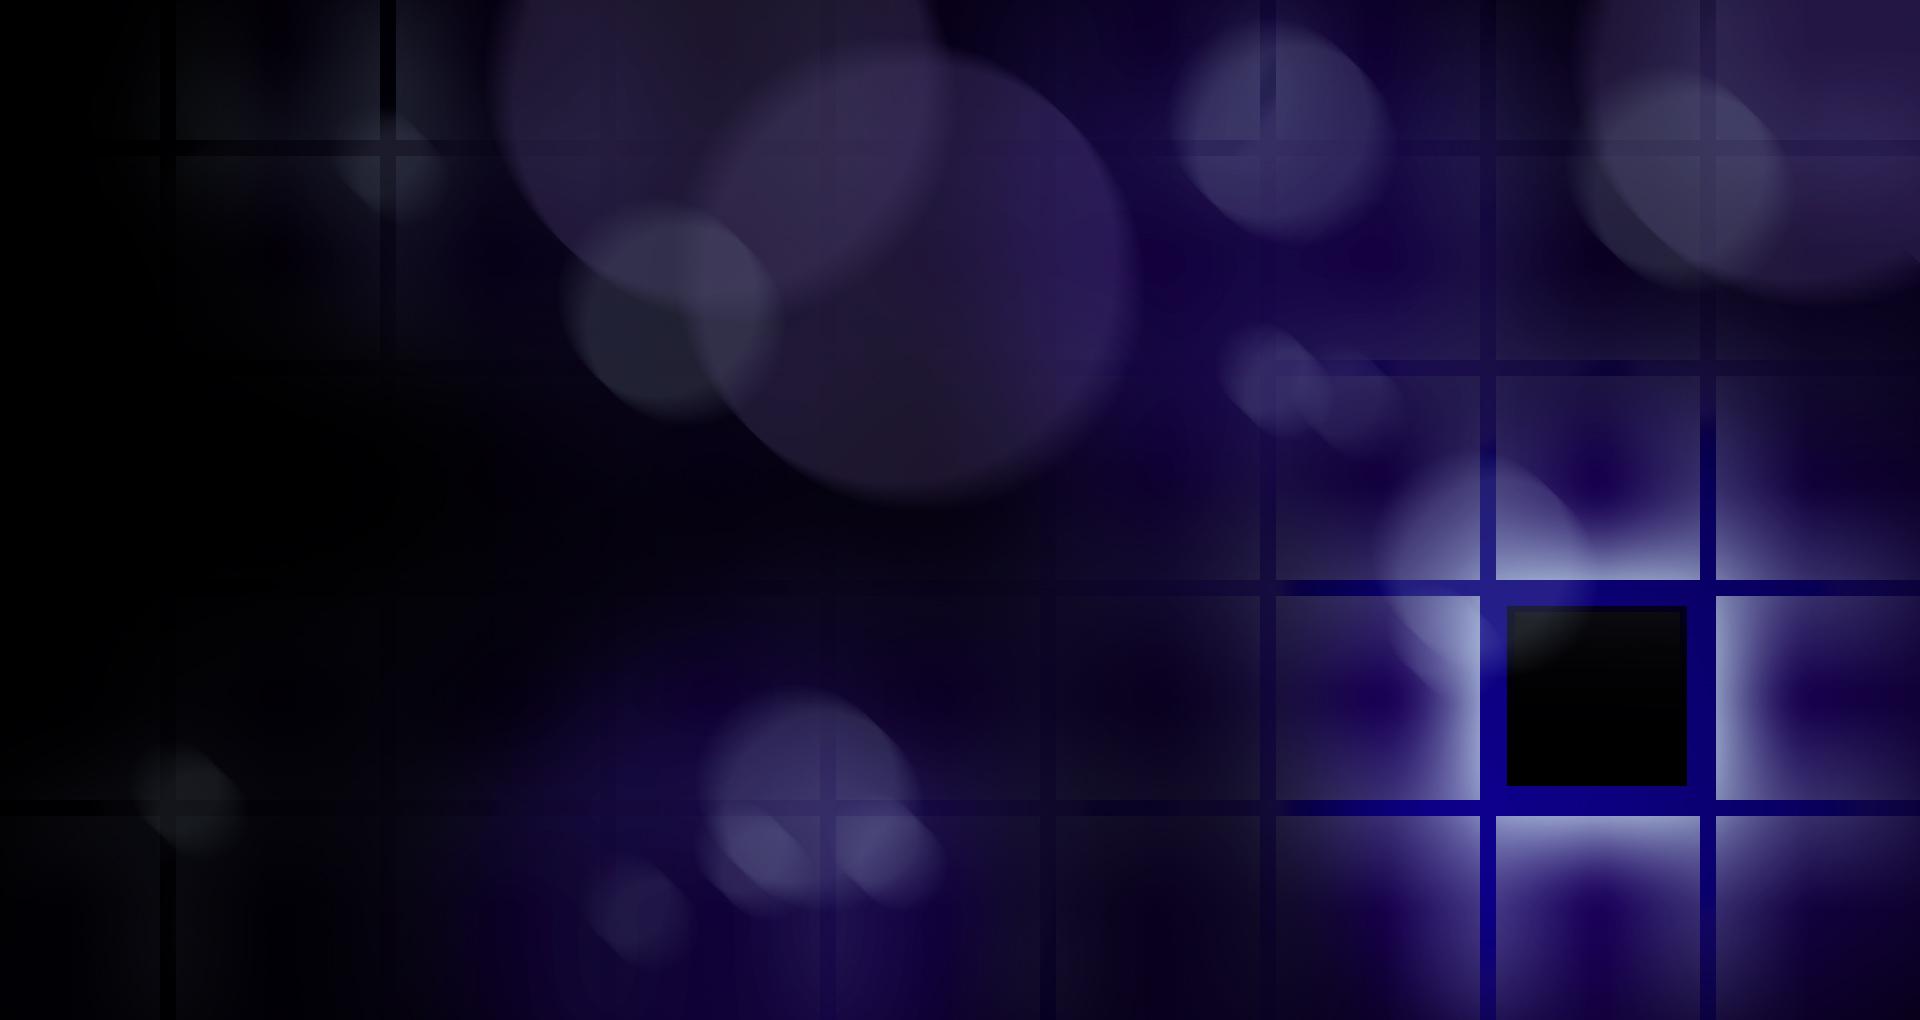 http://fc09.deviantart.net/fs70/f/2010/061/1/2/blue_square_by_Triggerin.jpg